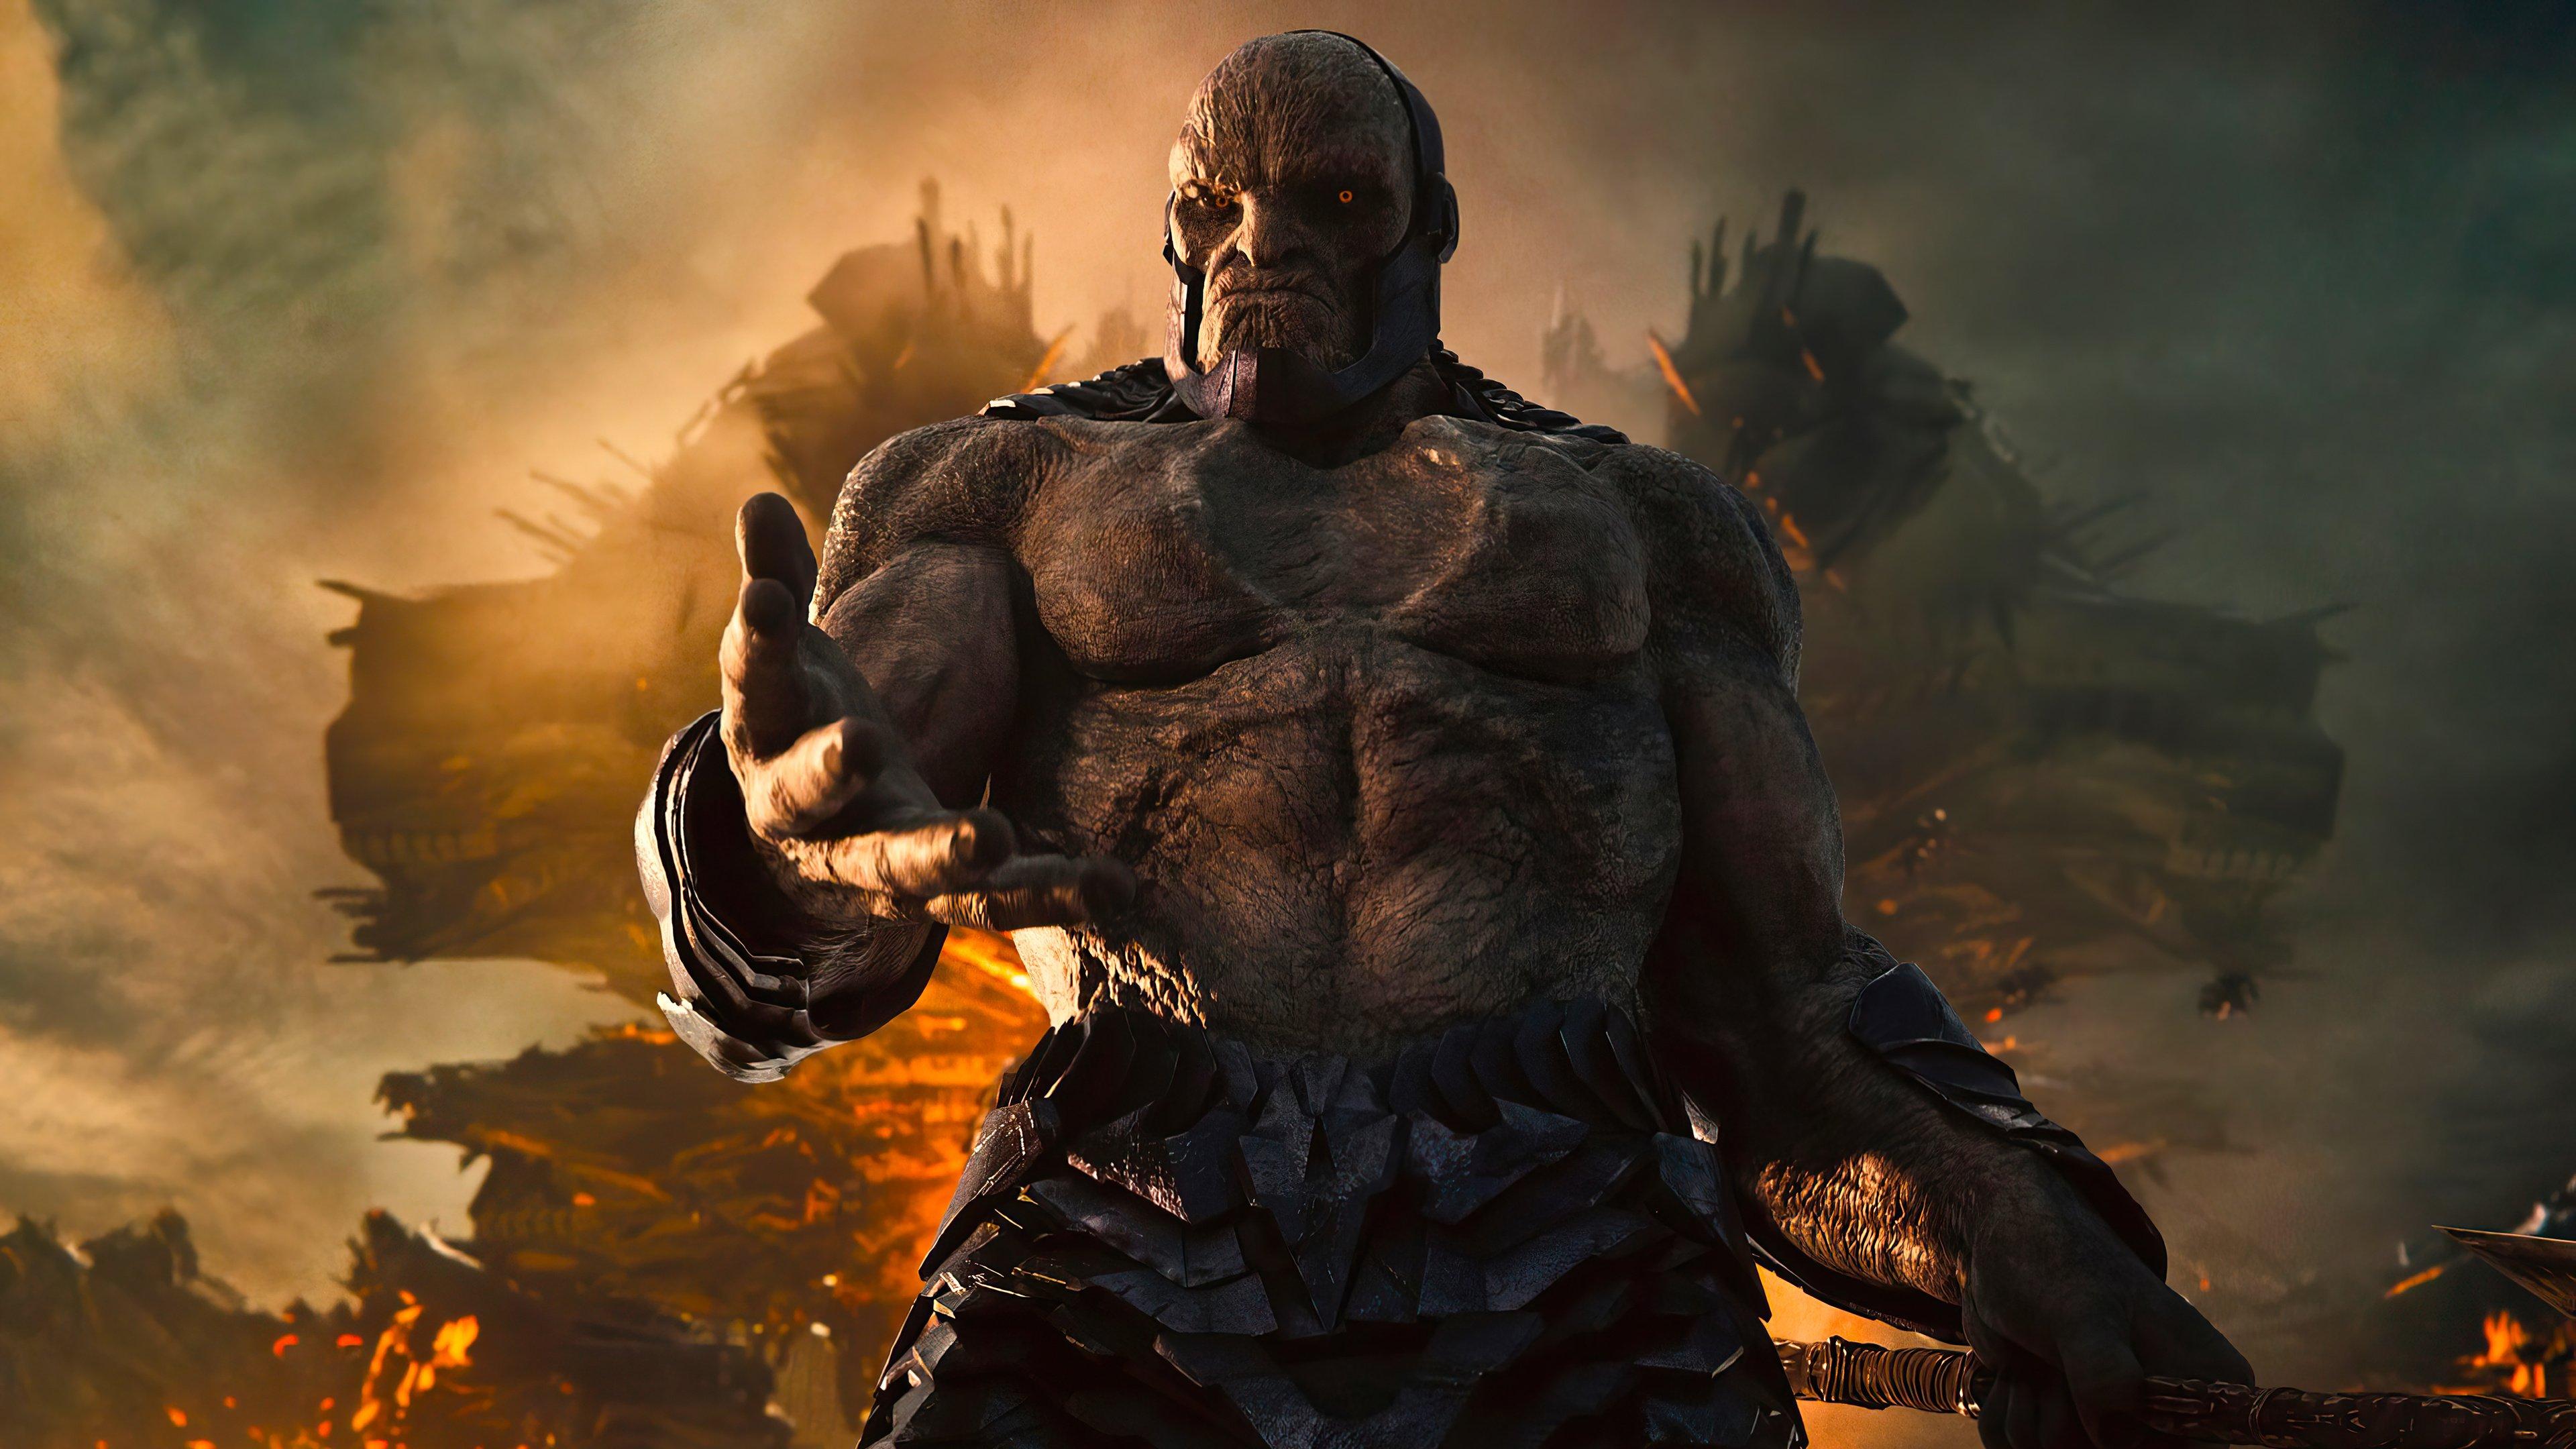 Fondos de pantalla Darkseid Liga de la justicia 2021 Snyder's cut